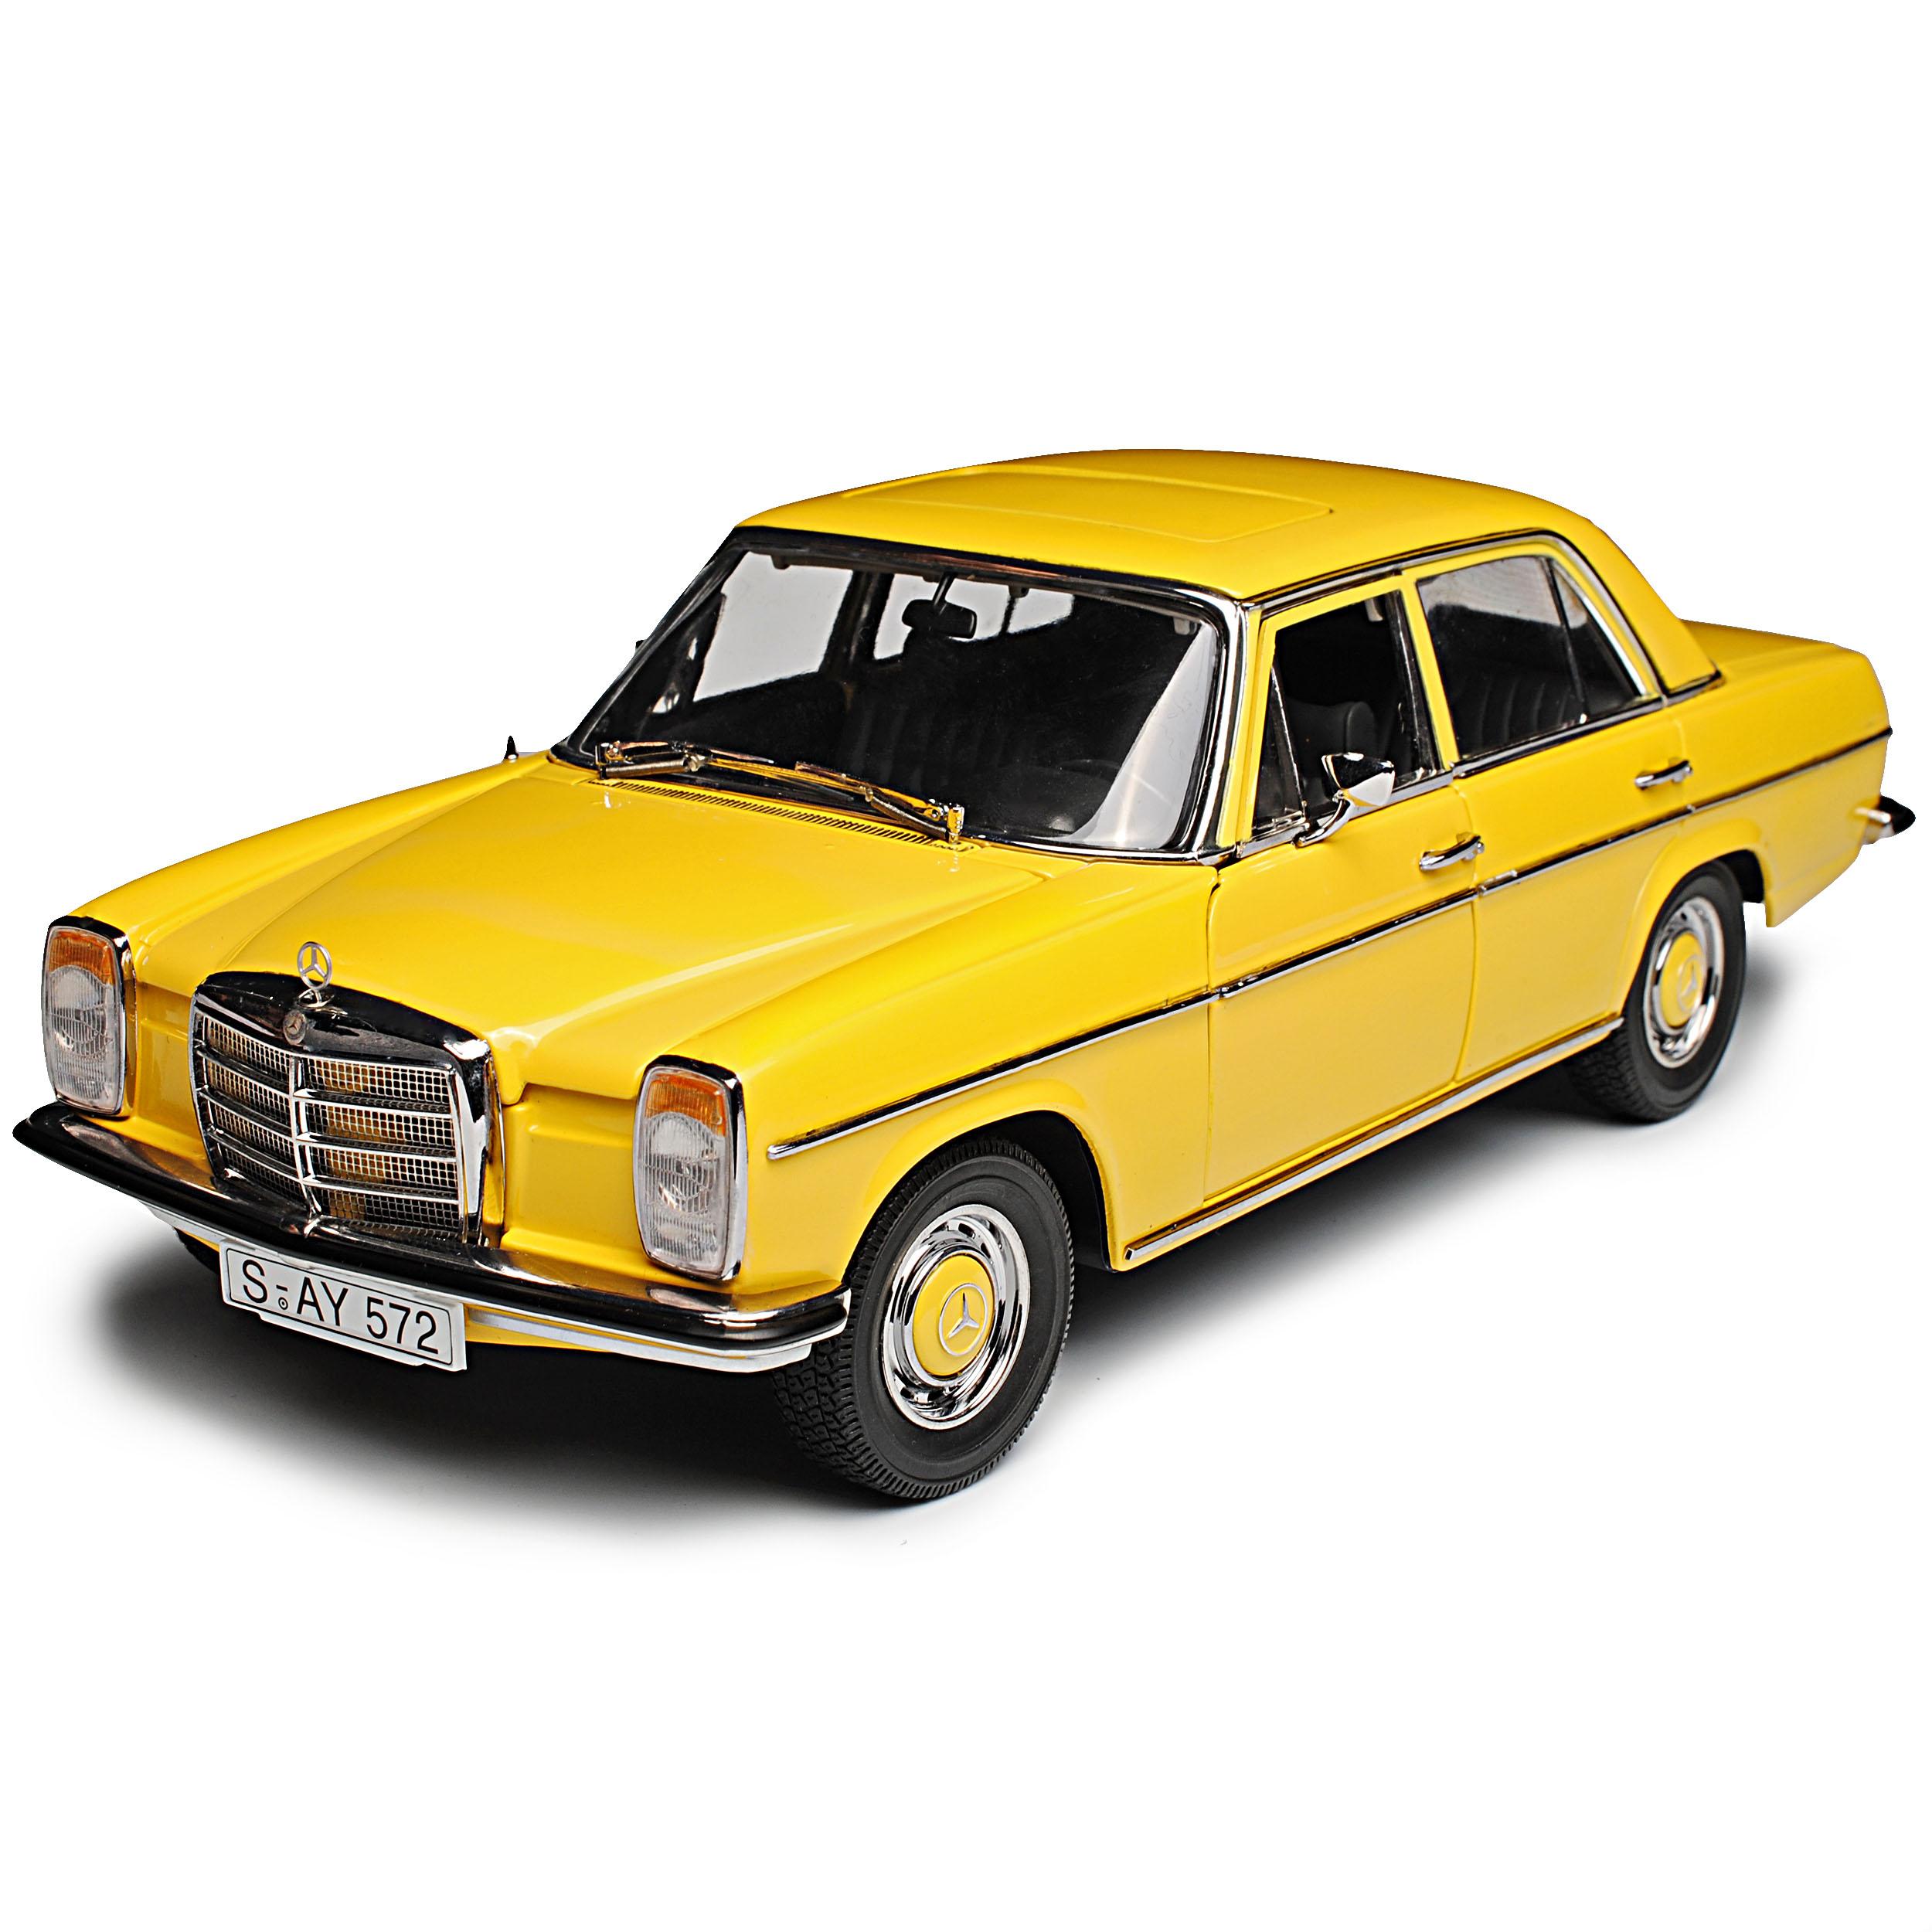 Mercedes-Benz-8-Strich-Acht-Limousine-Beige-Sahara-Gelb-W114-1967-1976-1-18-S Indexbild 8